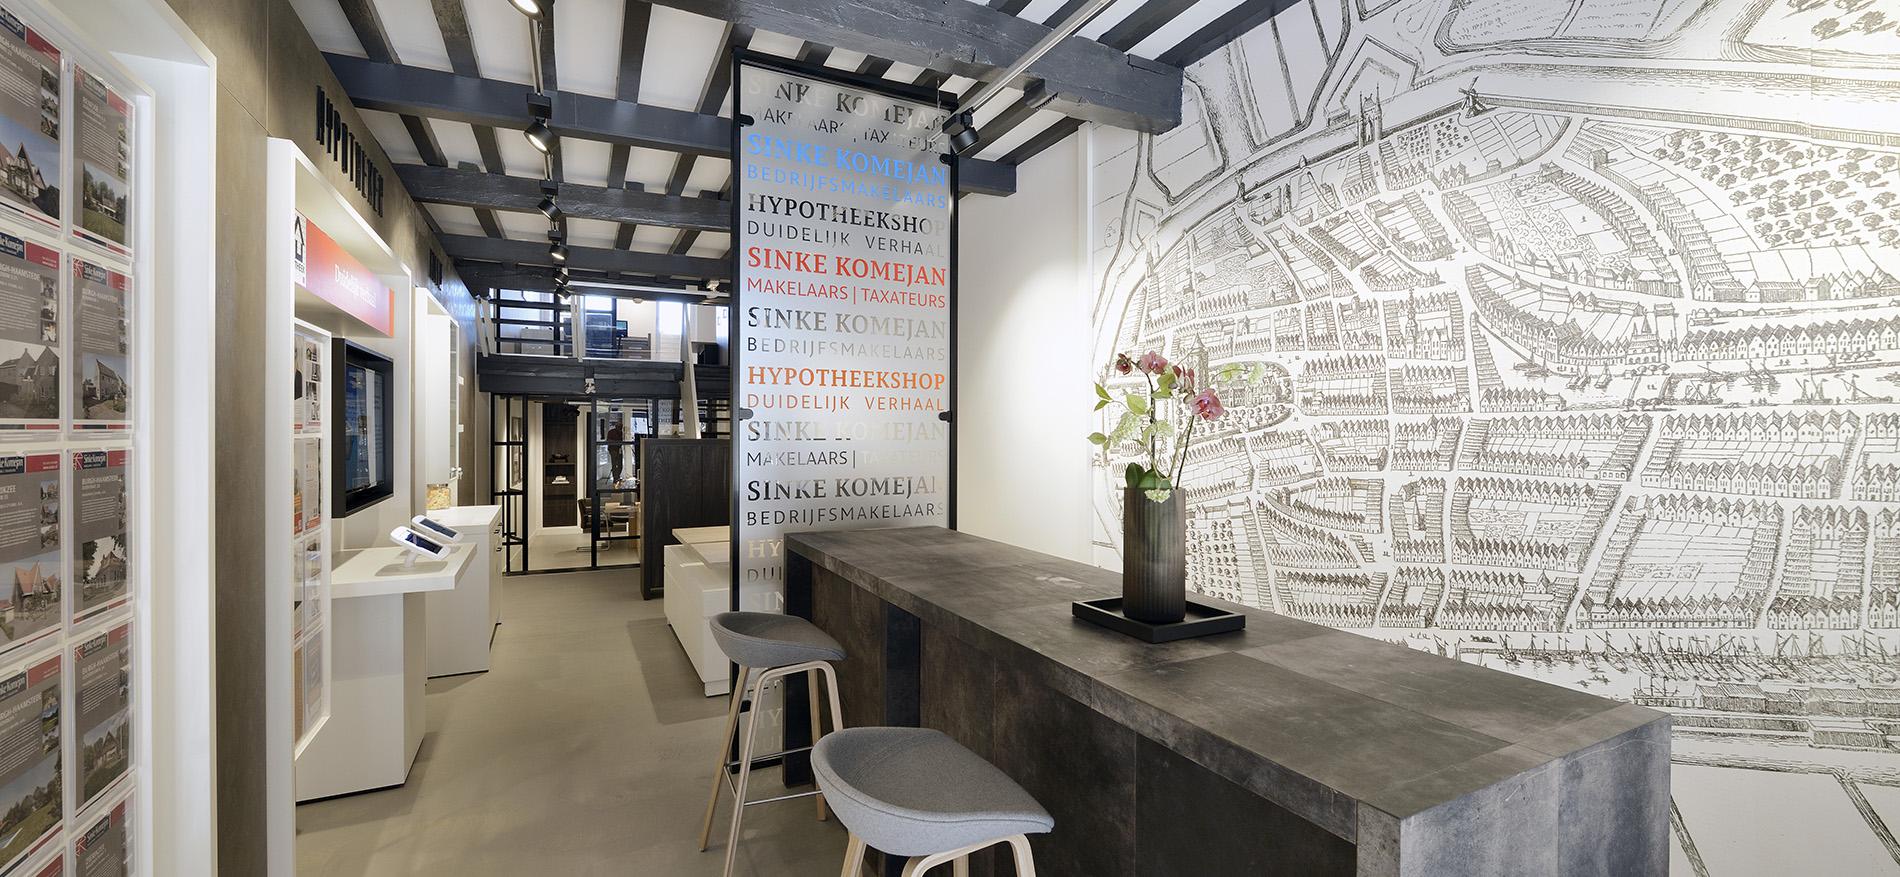 de interieur architecten van wsb interieurbouw ontwerpen unieke interieurconcepten voor kantoren in de makelaardij wsb creert merkbeleving in uw kantoor